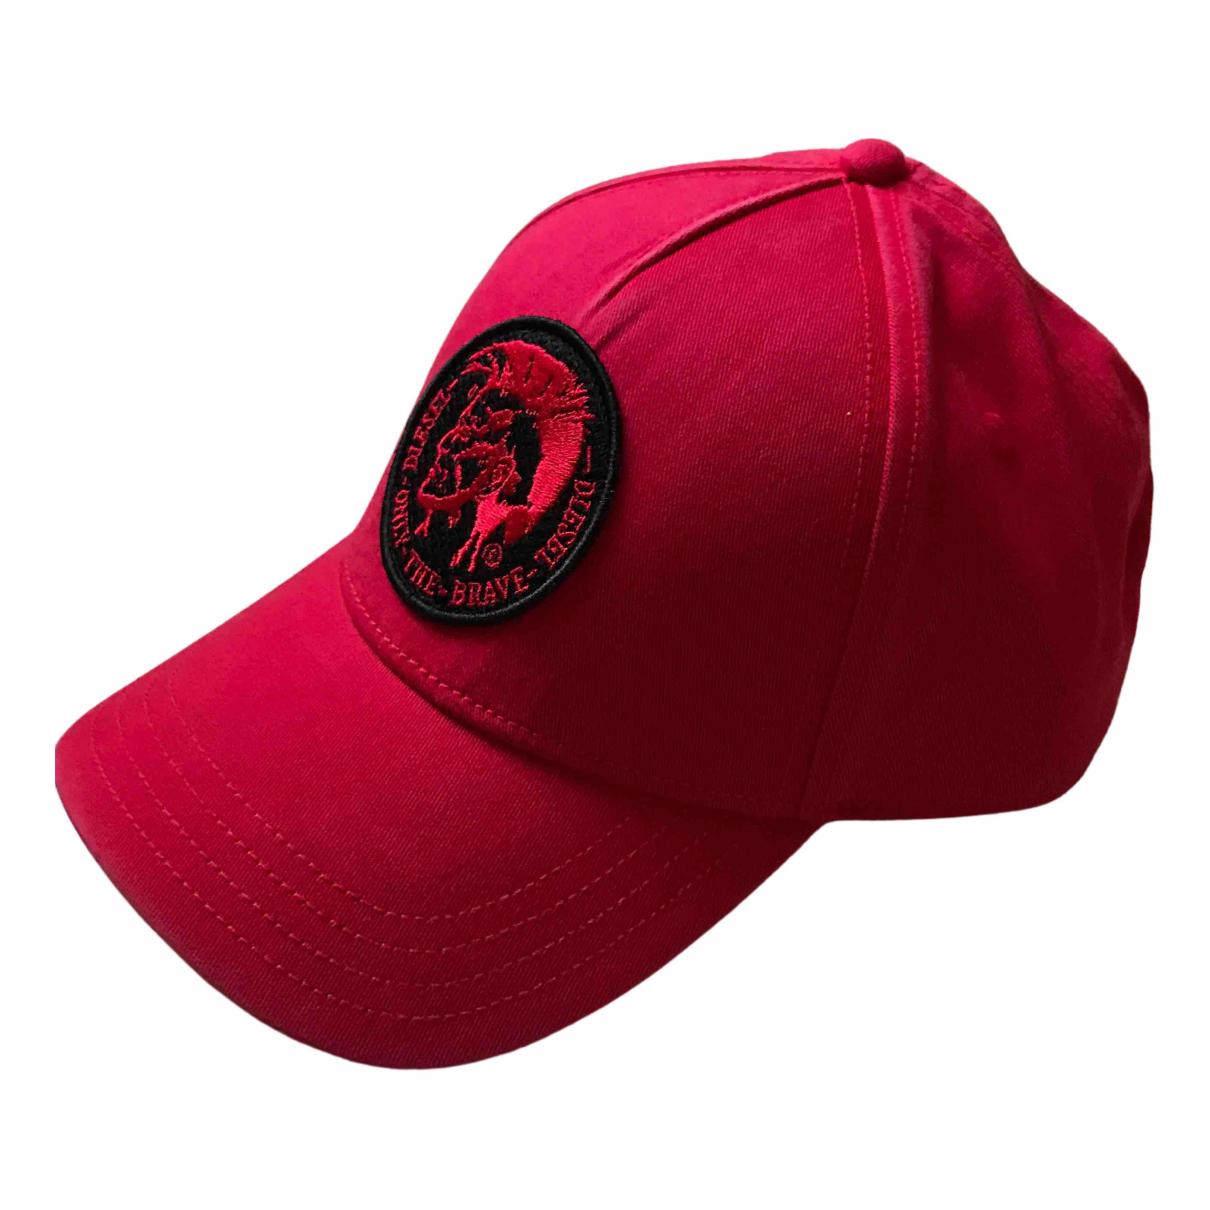 Diesel - Chapeau & Bonnets   pour homme en coton - rouge